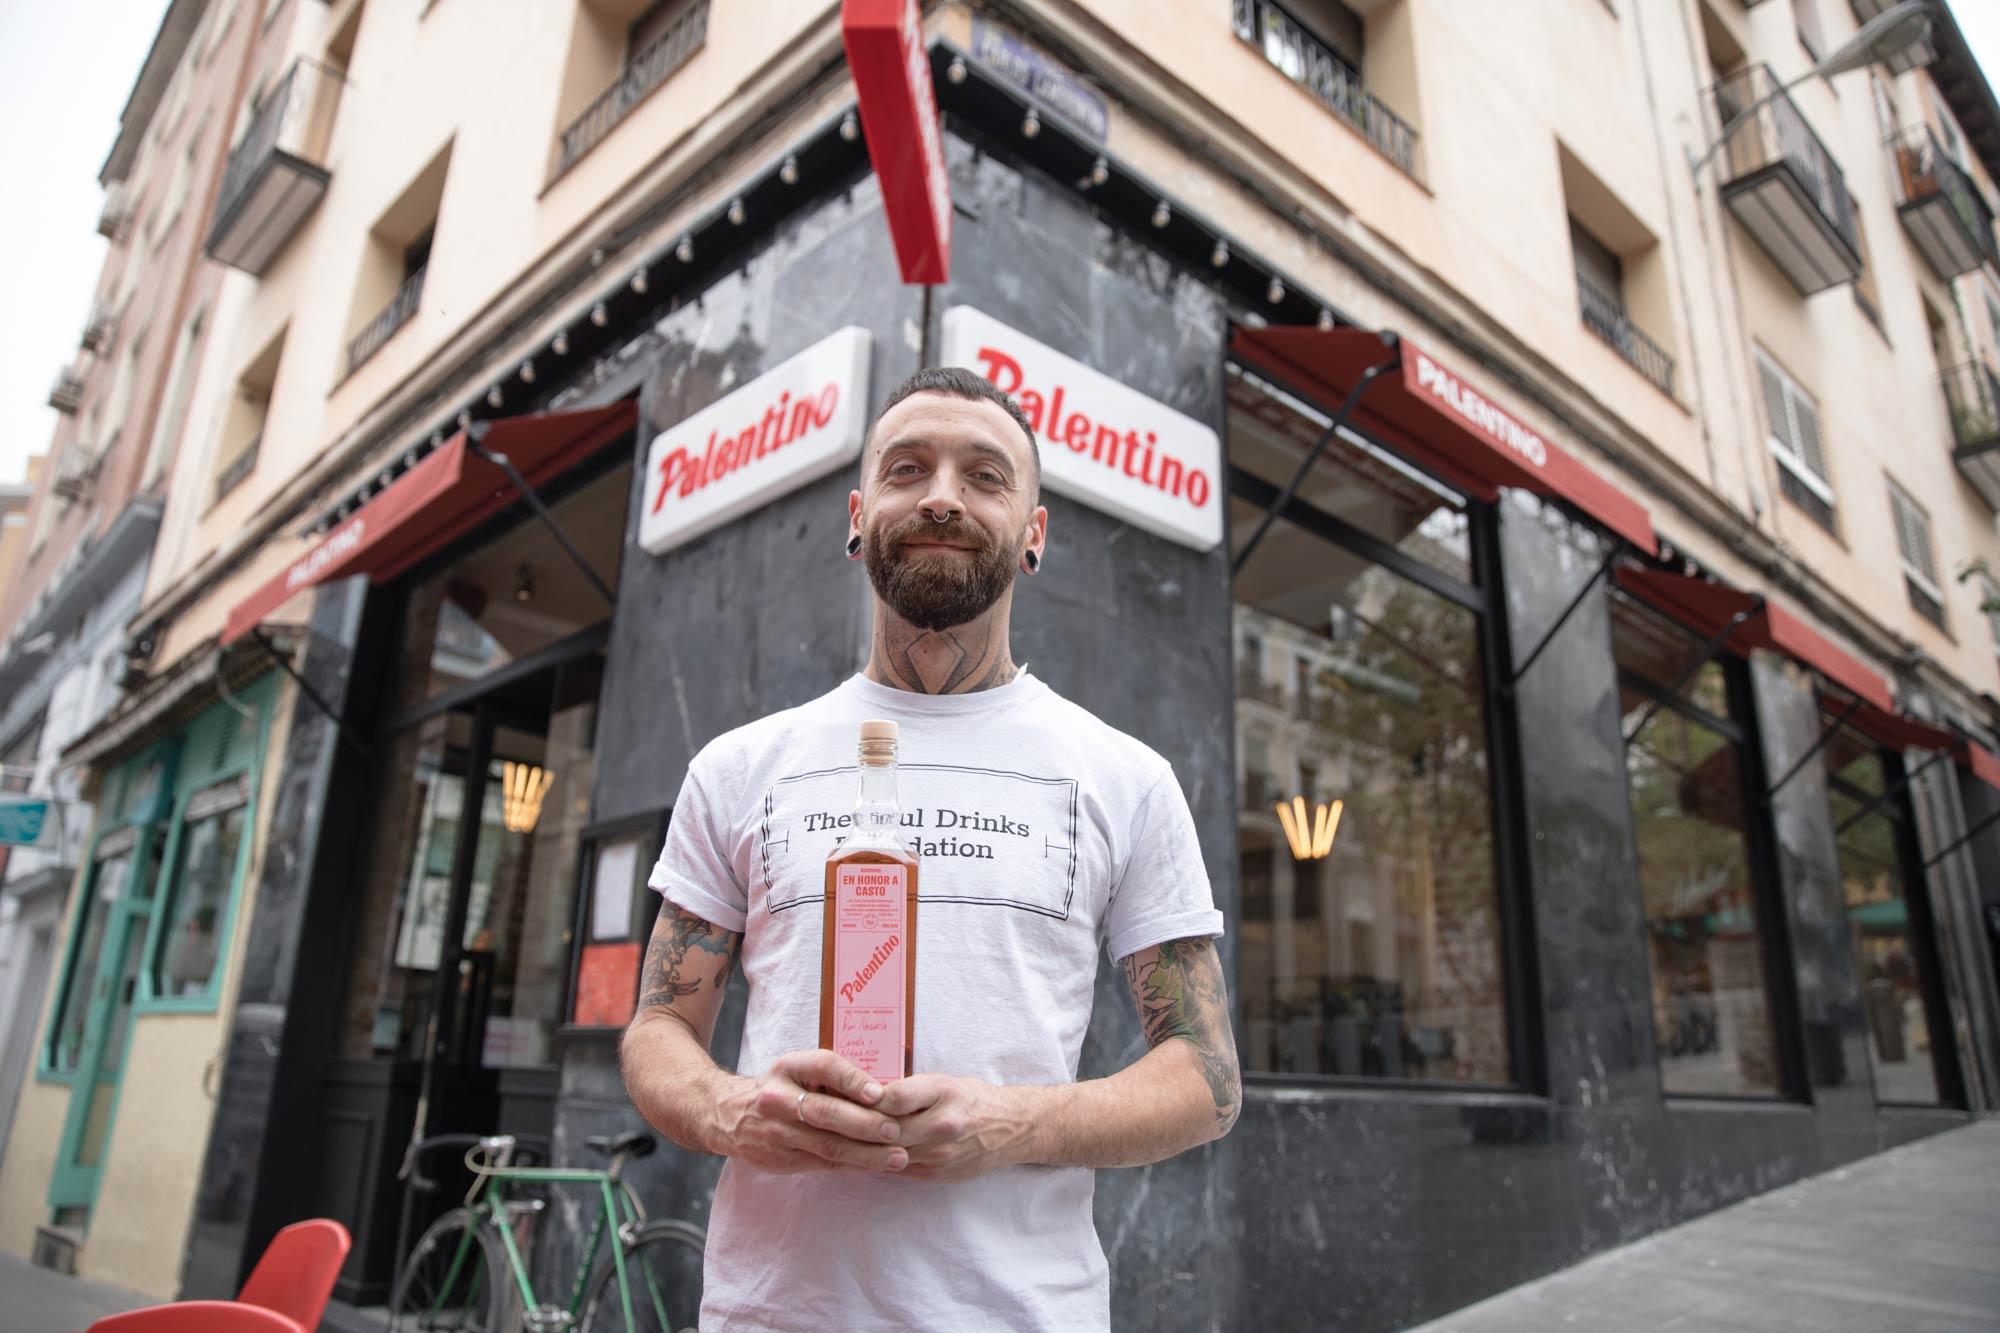 Bar Palentino, Madrid. Narciso Bermejo, uno de los socios del bar.